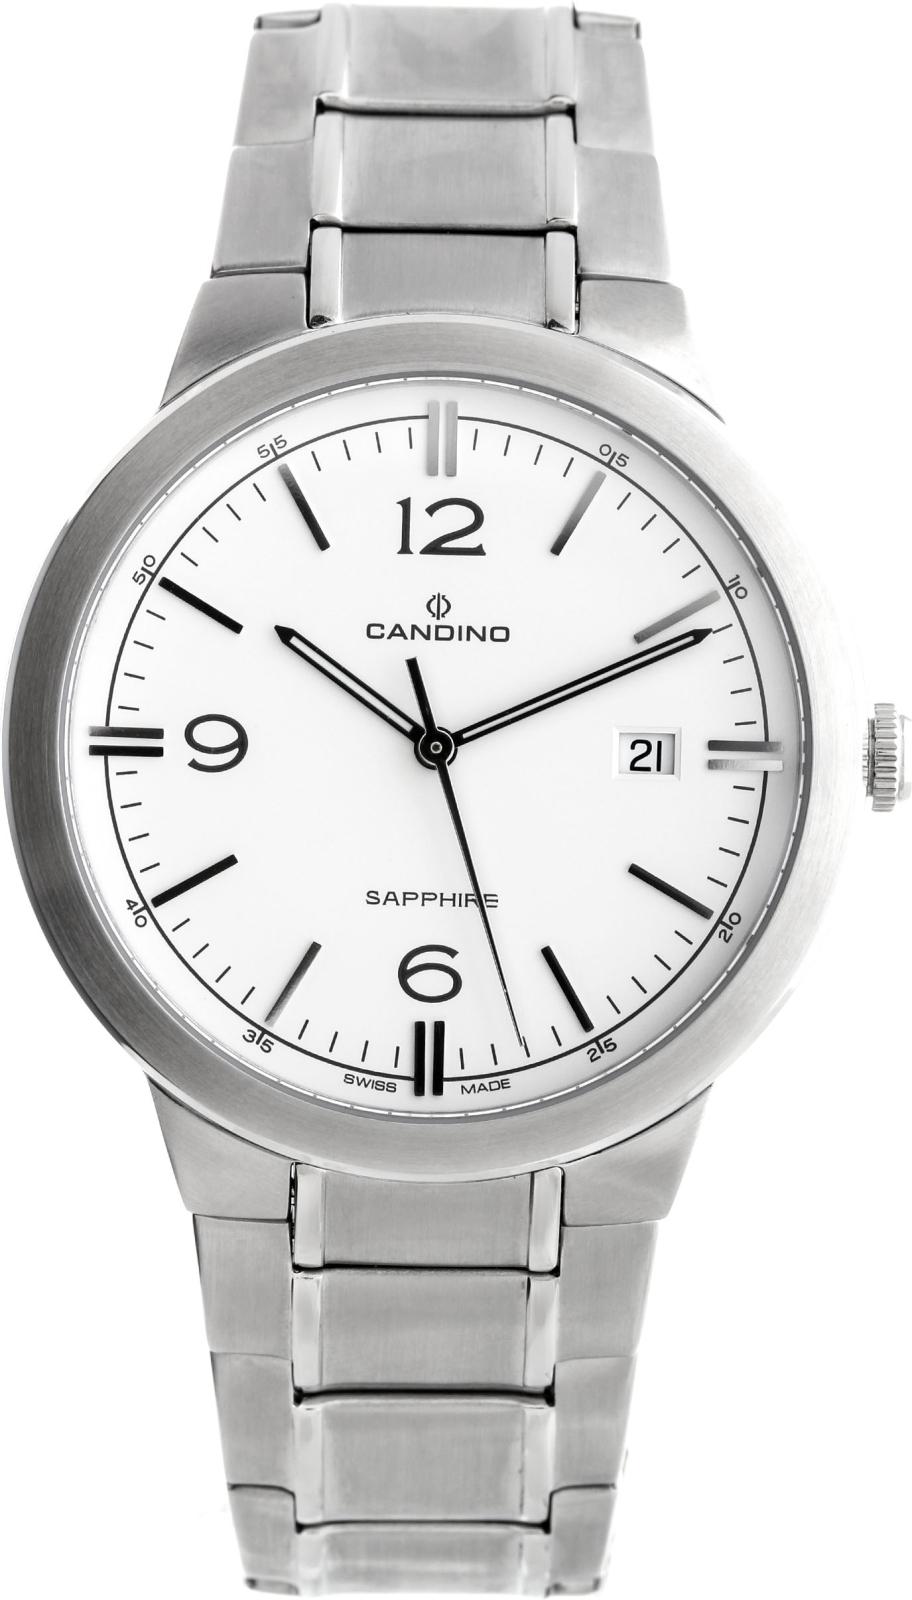 Candino Elegance C4510/1Наручные часы<br>Швейцарские часы Candino Elegance C4510/1<br><br>Пол: Мужские<br>Страна-производитель: Швейцария<br>Механизм: Кварцевый<br>Материал корпуса: Сталь<br>Материал ремня/браслета: Сталь<br>Водозащита, диапазон: 20 - 100 м<br>Стекло: Сапфировое<br>Толщина корпуса: None<br>Стиль: Классика